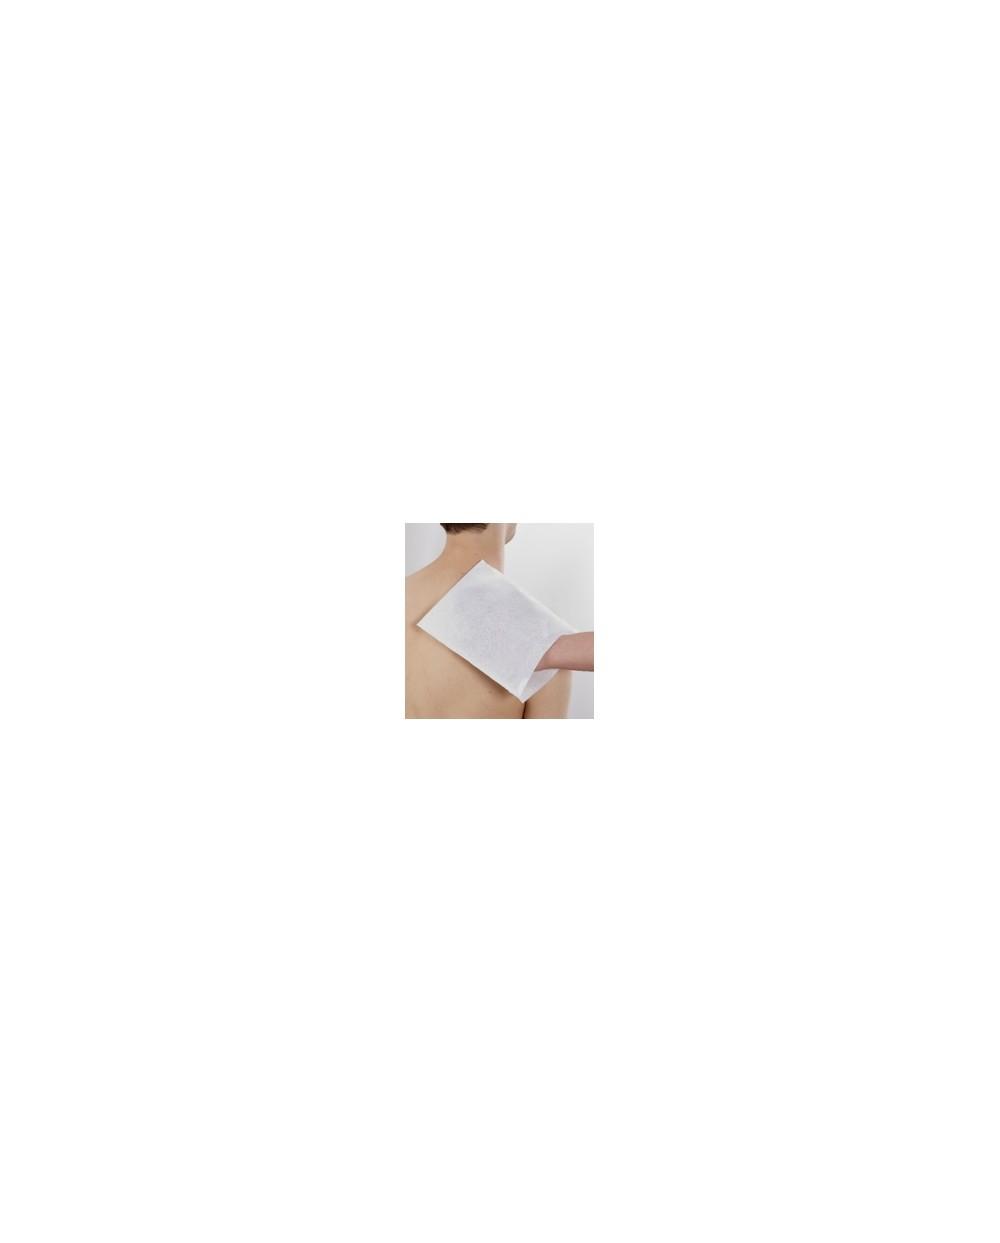 Gants de toilette, non-tissé, 80 g/m²,blancPar carton de 20 paquets de 50